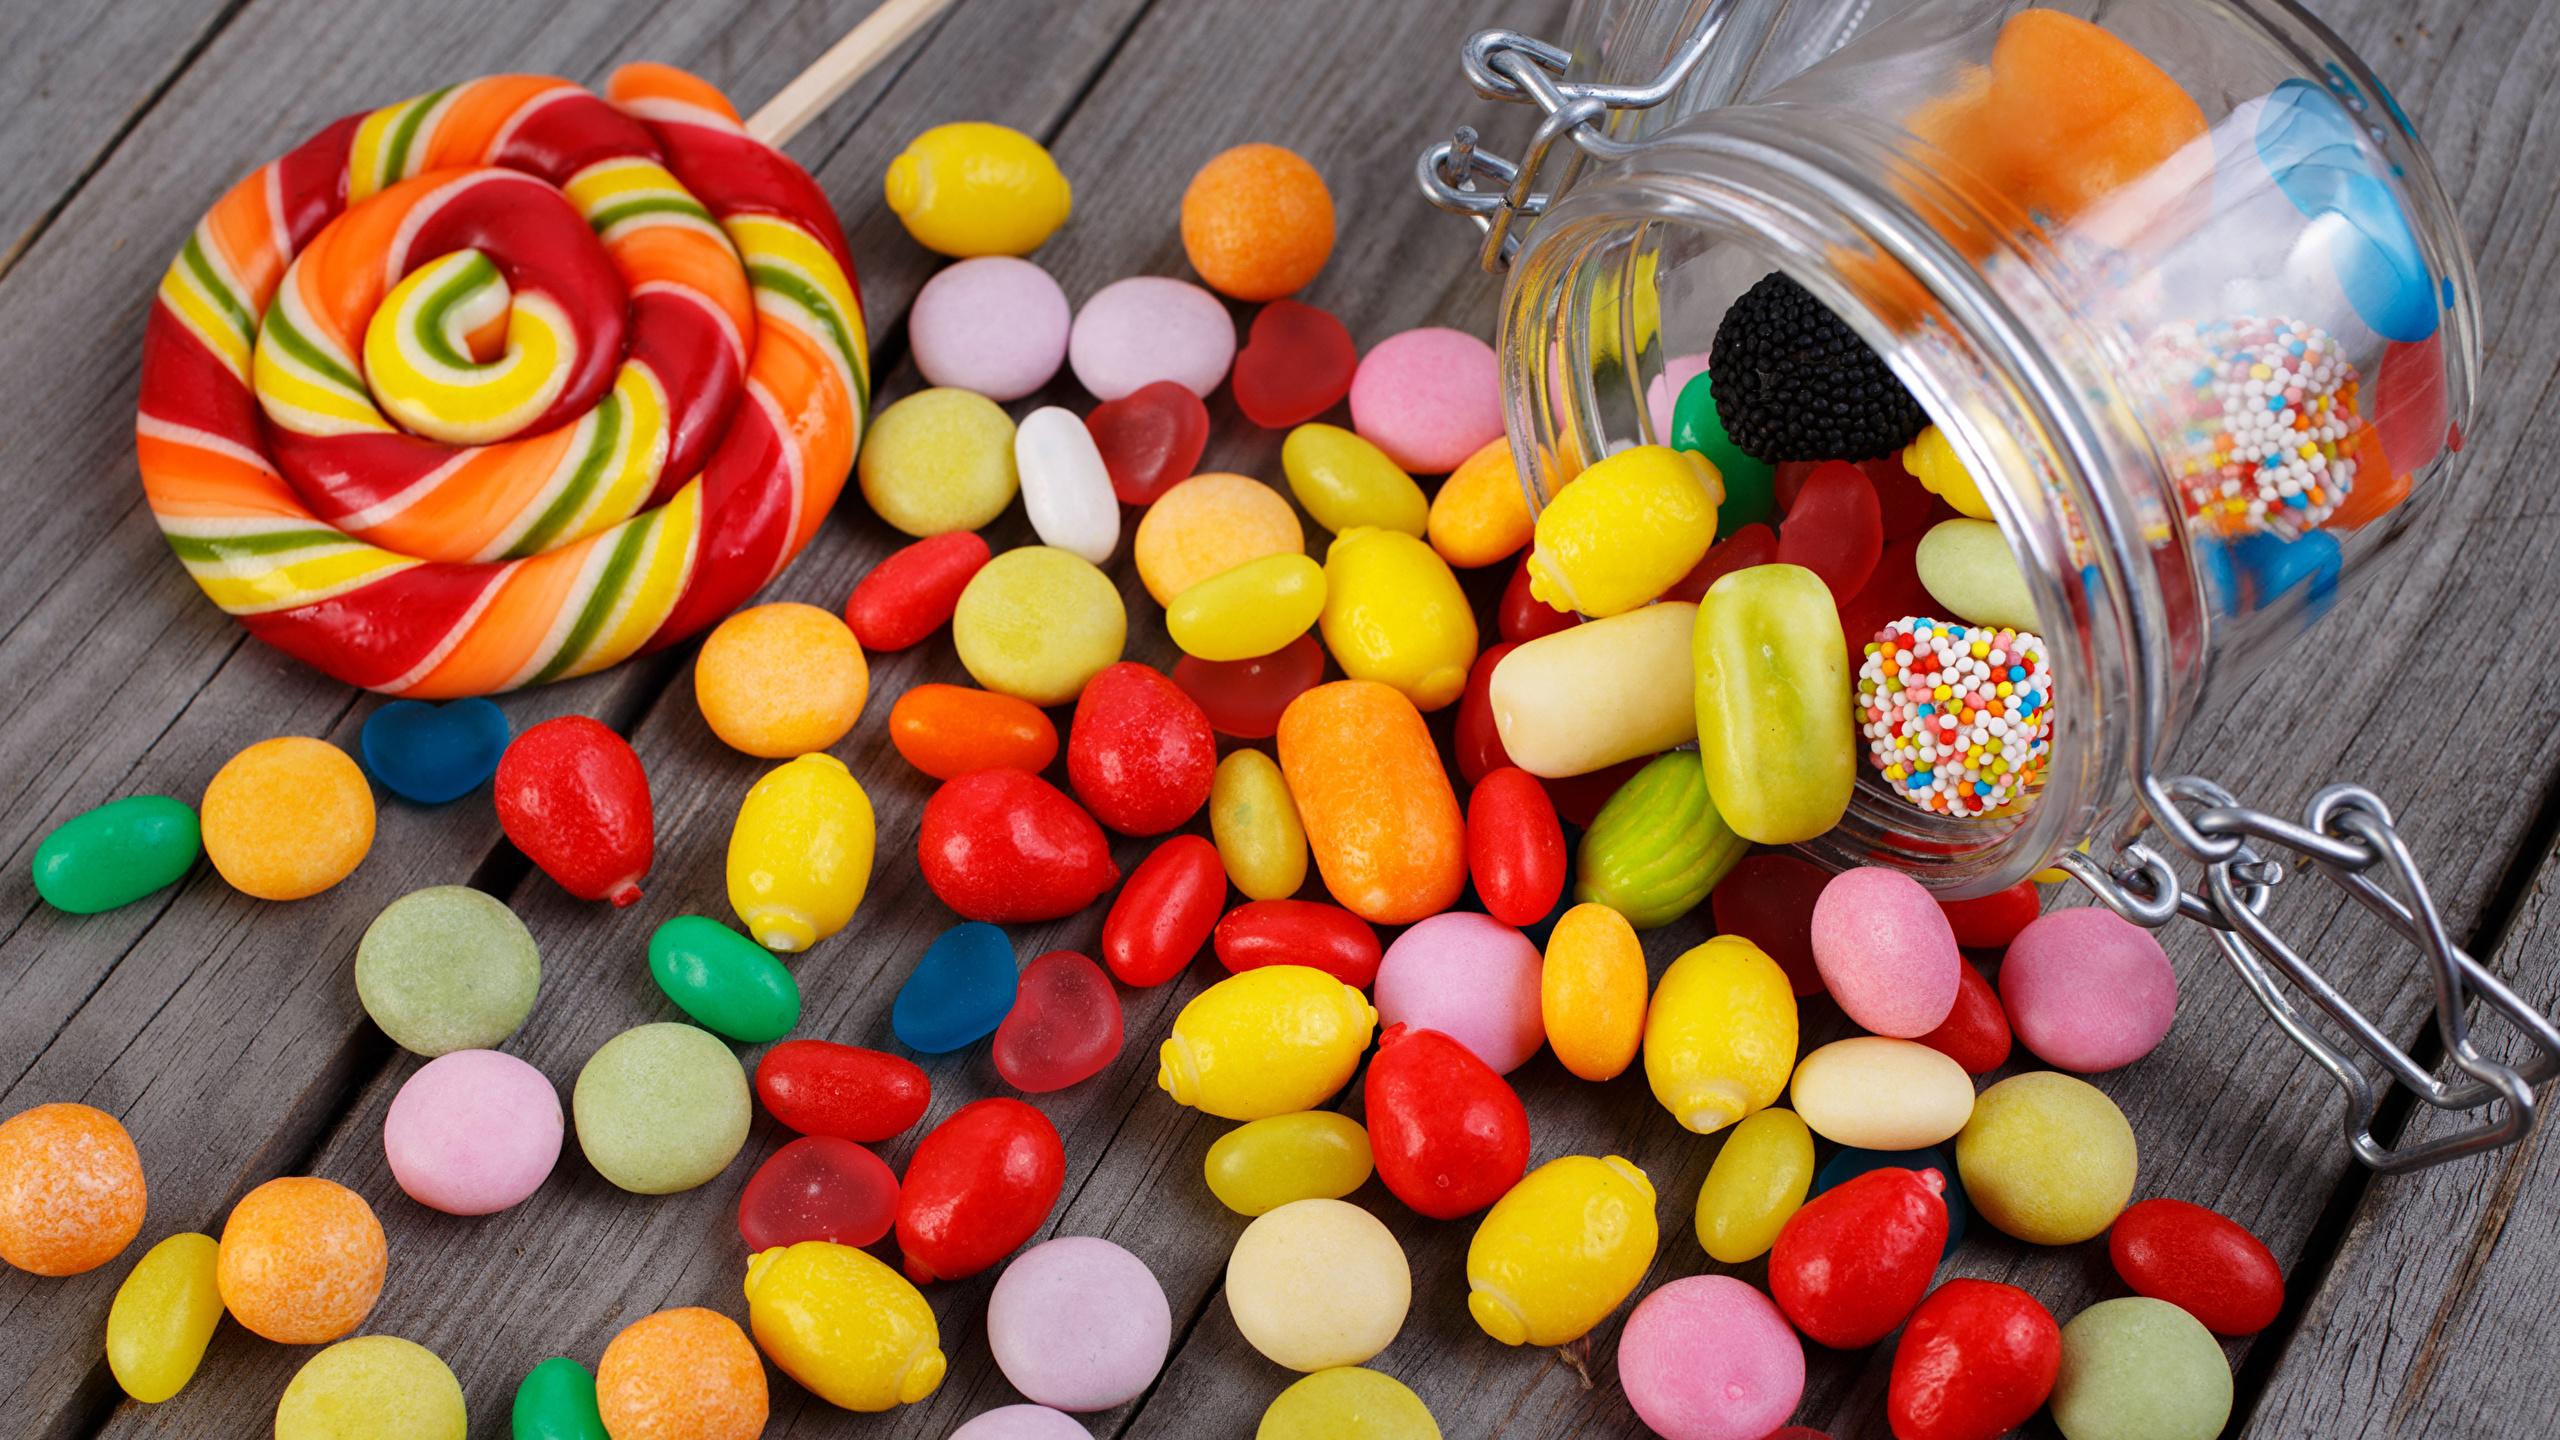 Картинка Леденцы Конфеты банки Еда Сладости Доски 2560x1440 Банка банке Пища Продукты питания сладкая еда